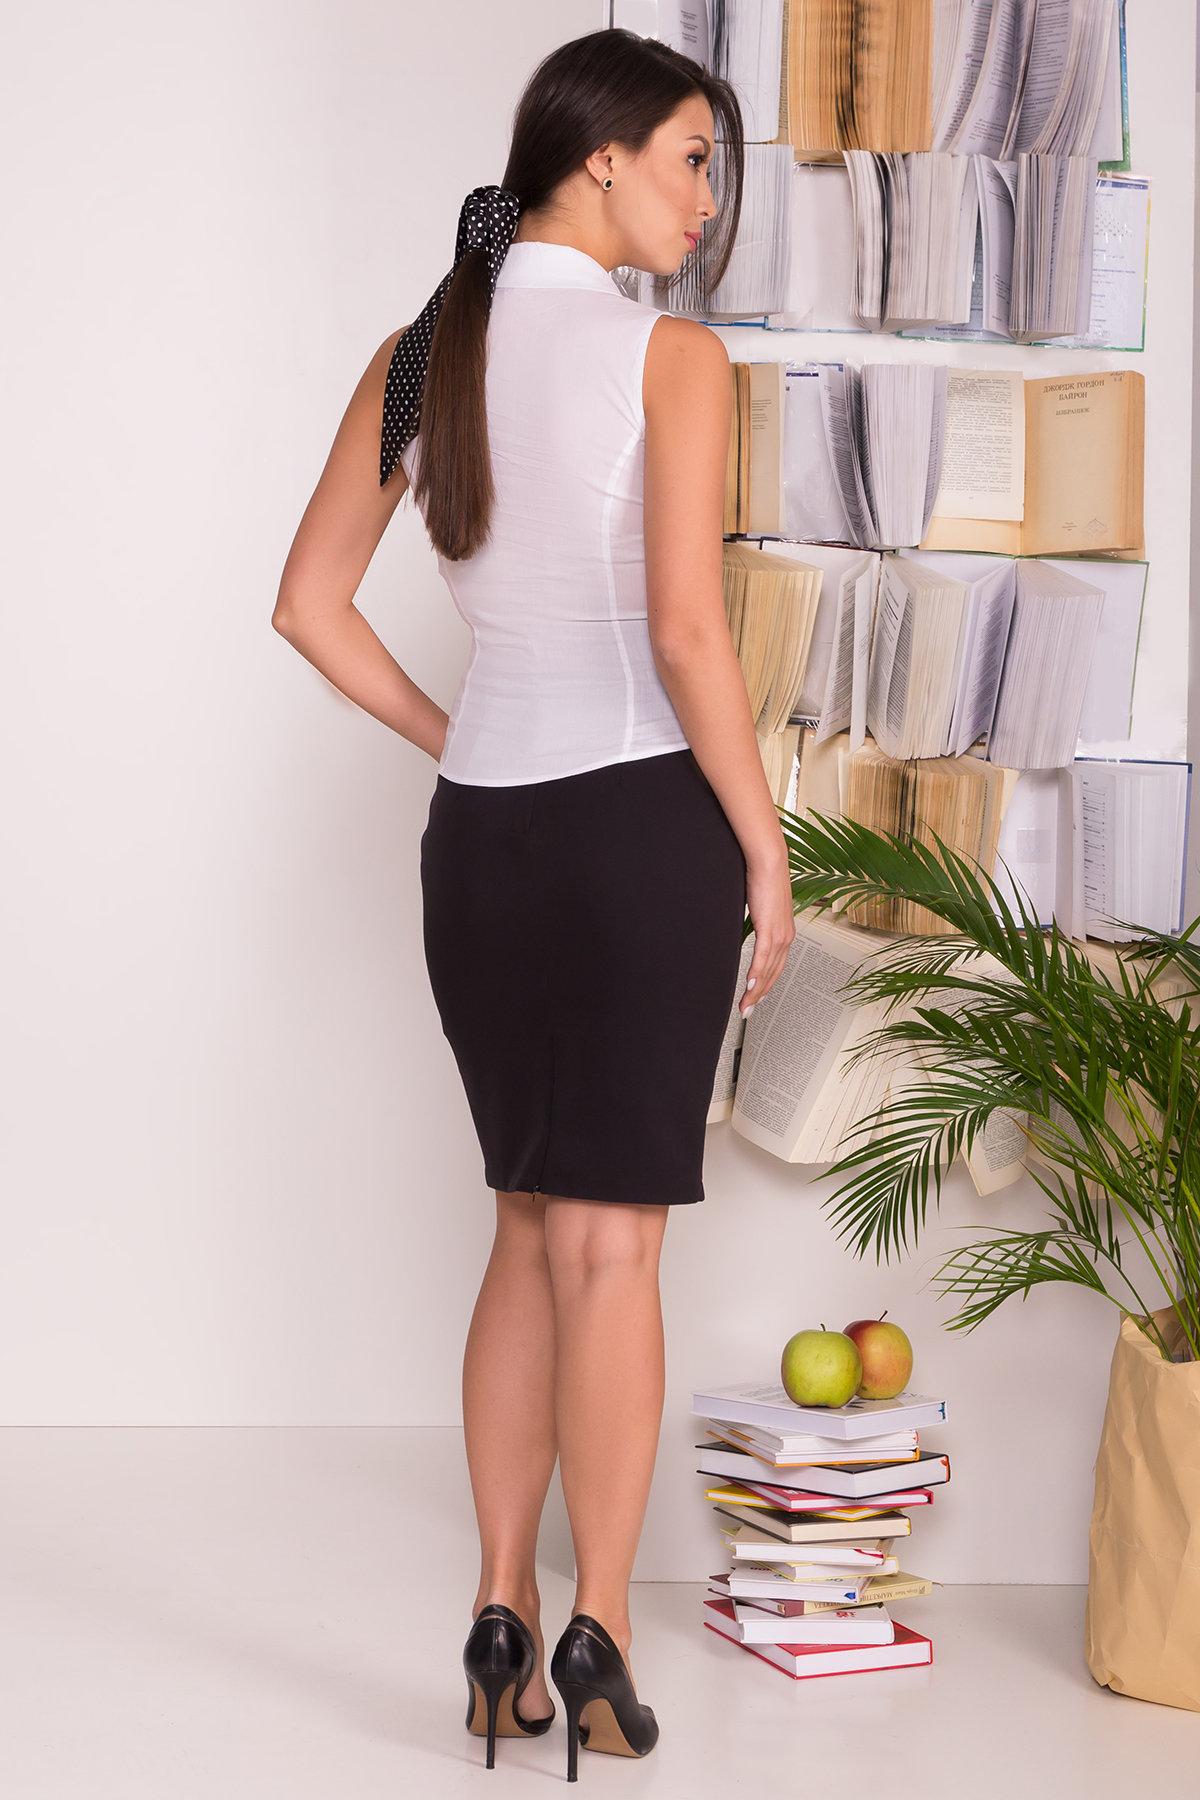 Блуза приталенного кроя без рукавов Санти  7658 АРТ. 43588 Цвет: Белый - фото 3, интернет магазин tm-modus.ru